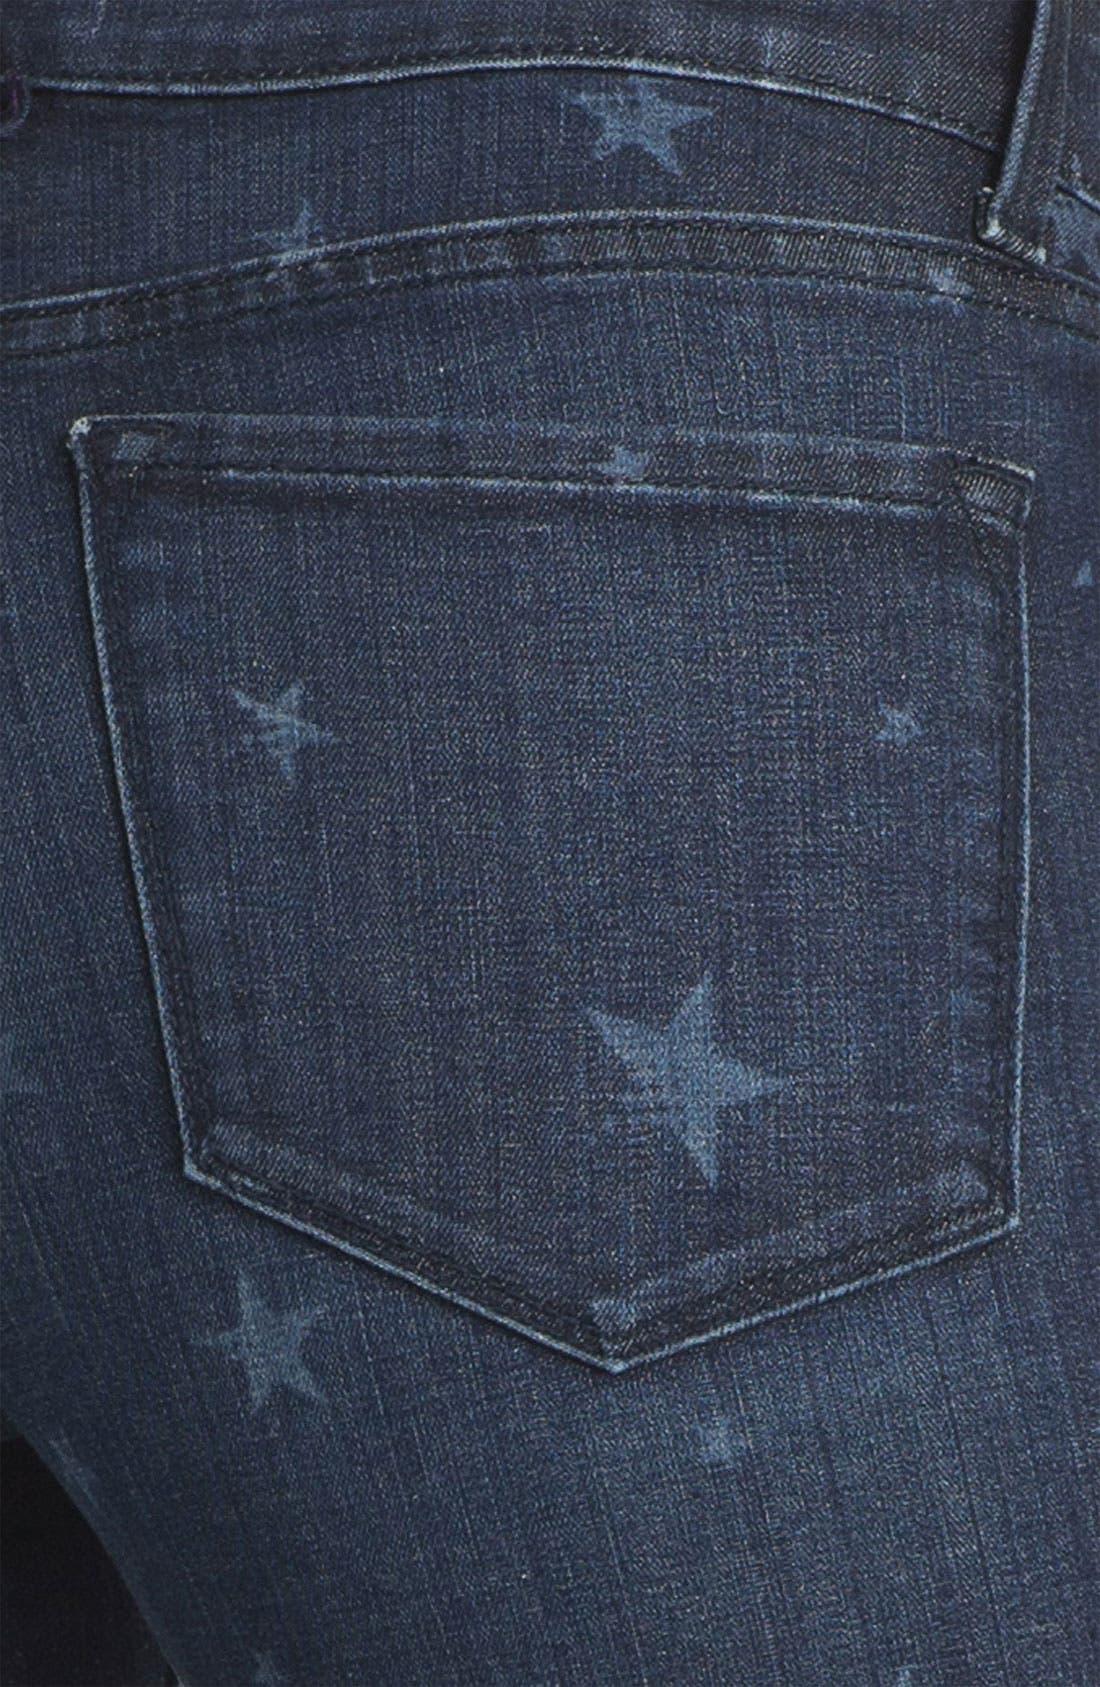 Alternate Image 3  - NYDJ 'Sheri' Star Print Skinny Jeans